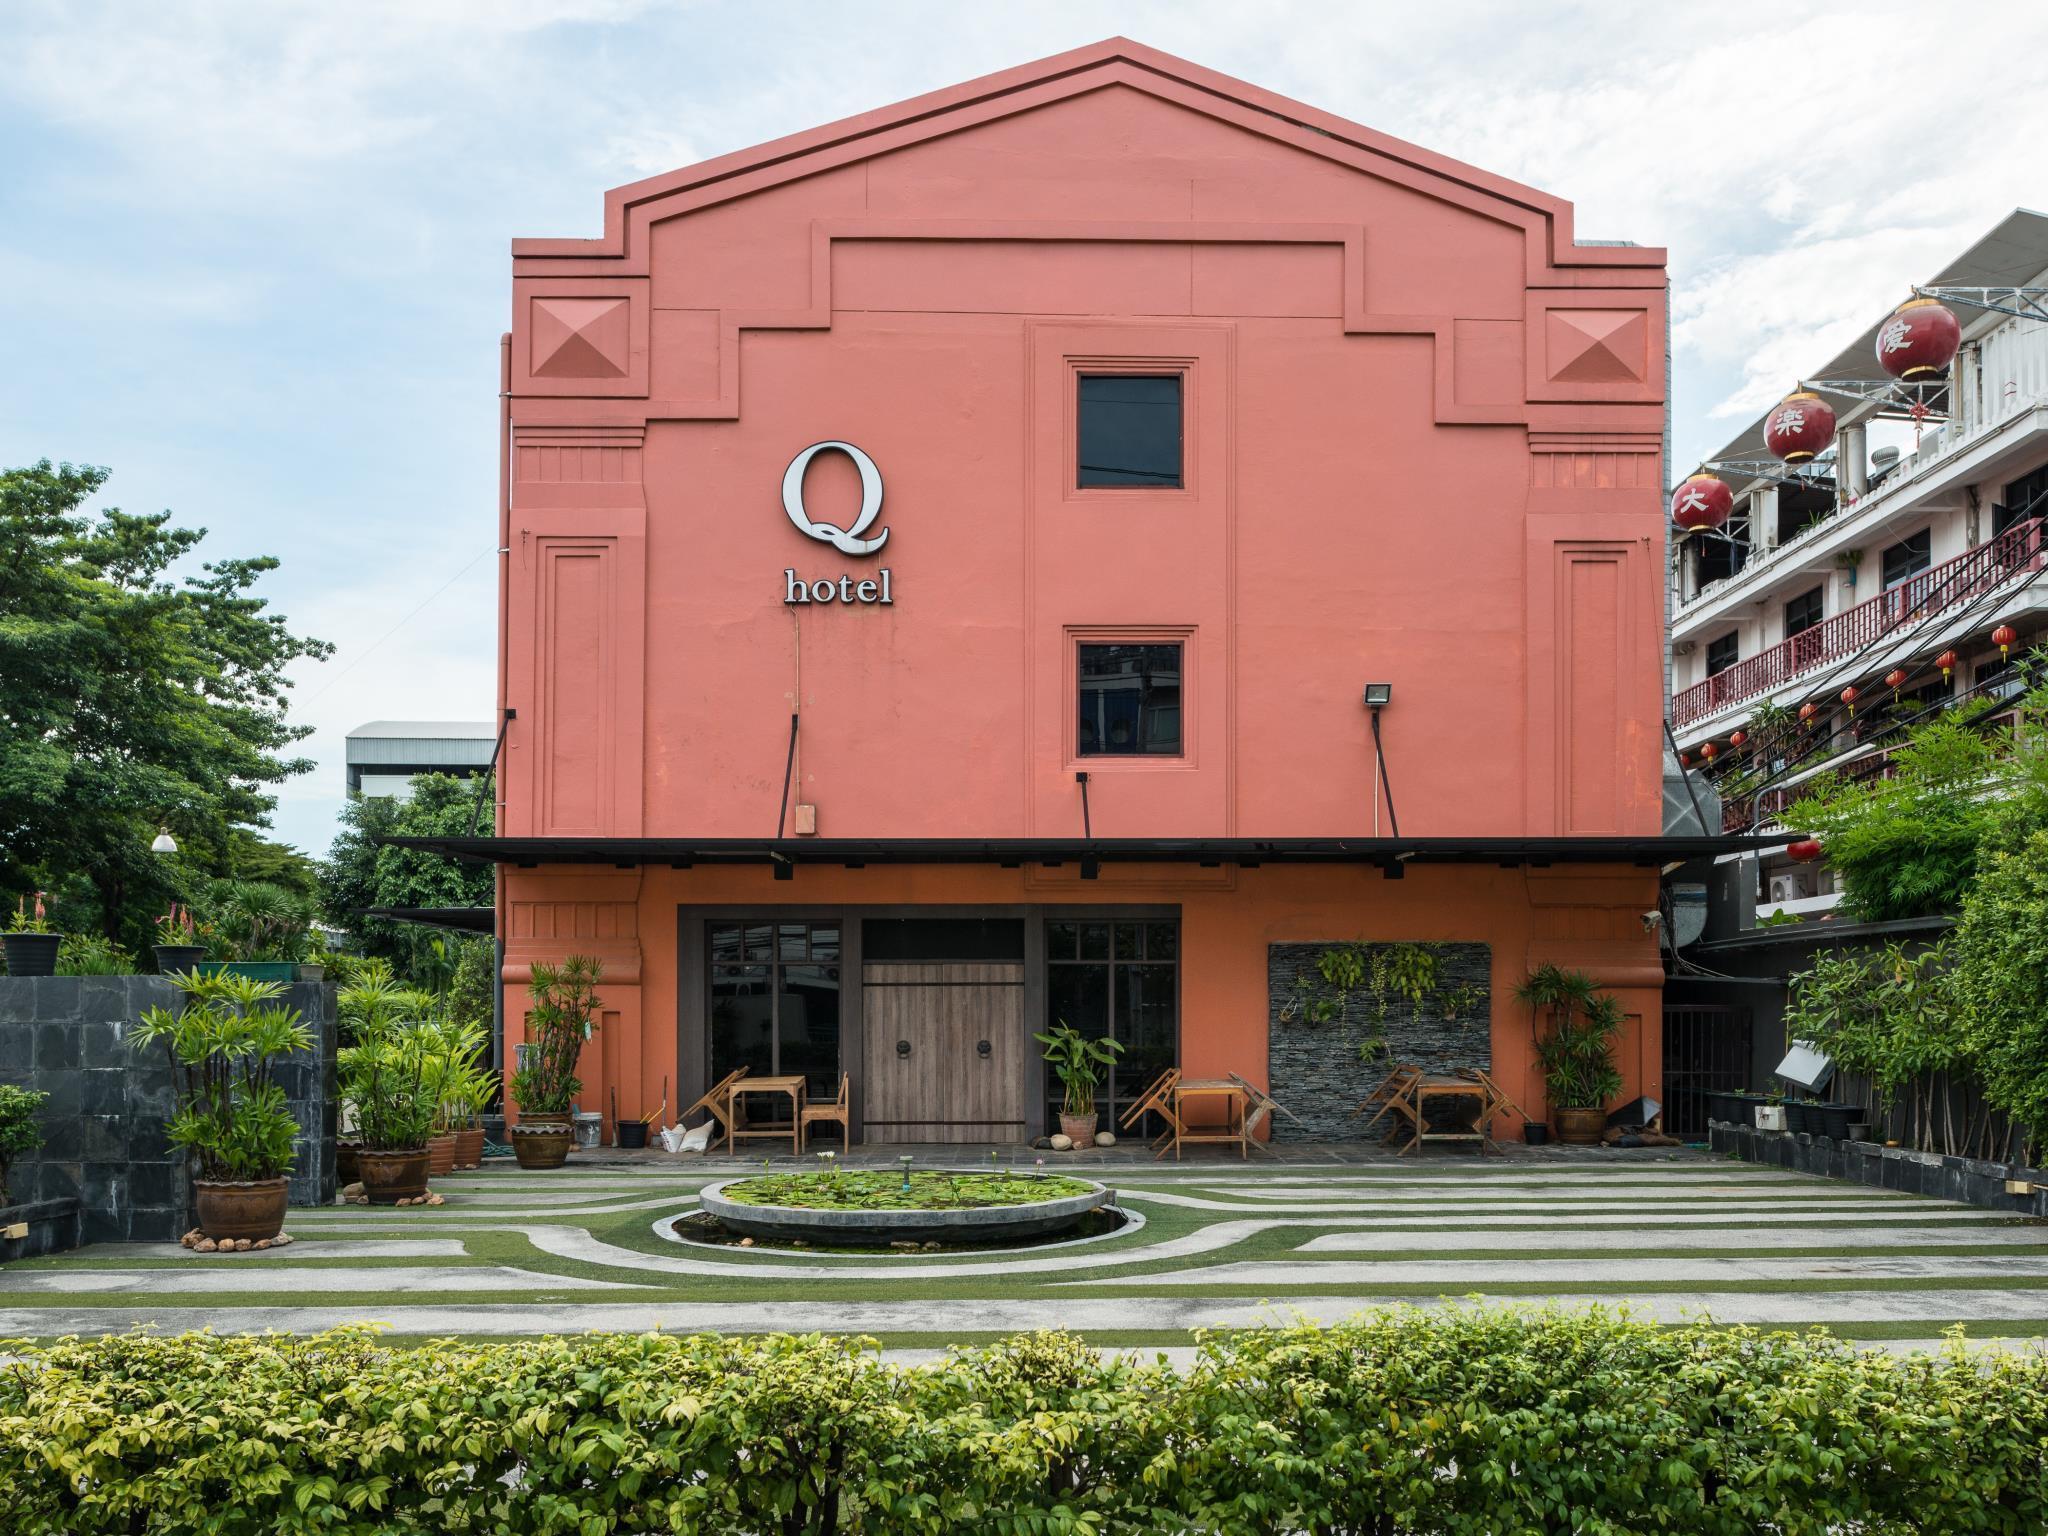 Q Hotel คิว โฮเทล